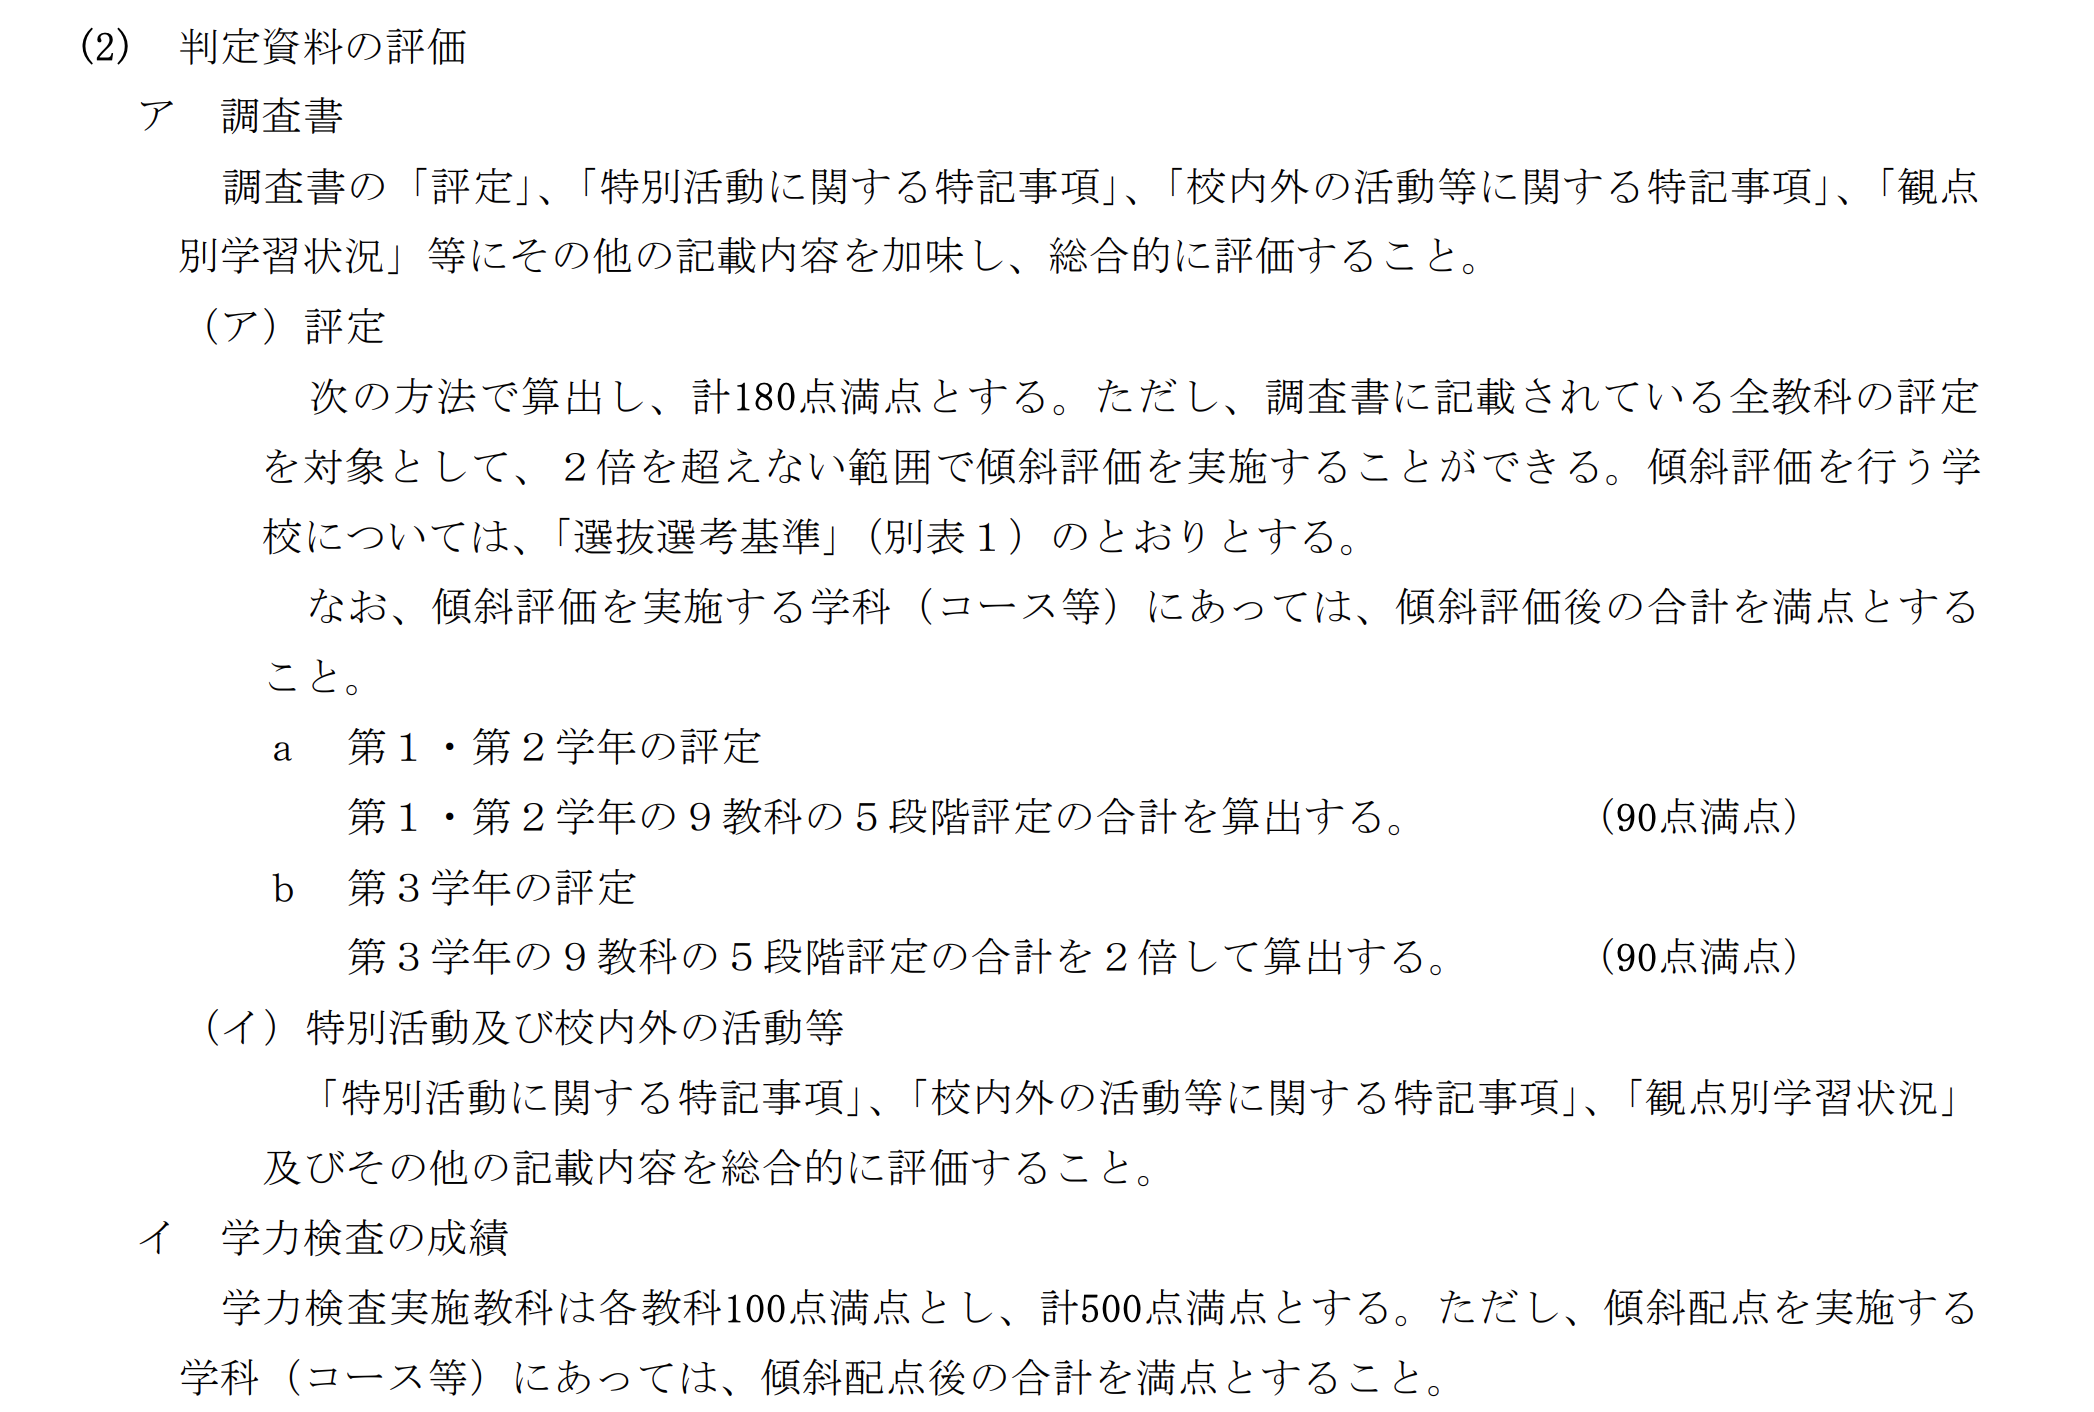 和歌山県公立高校入試制度1